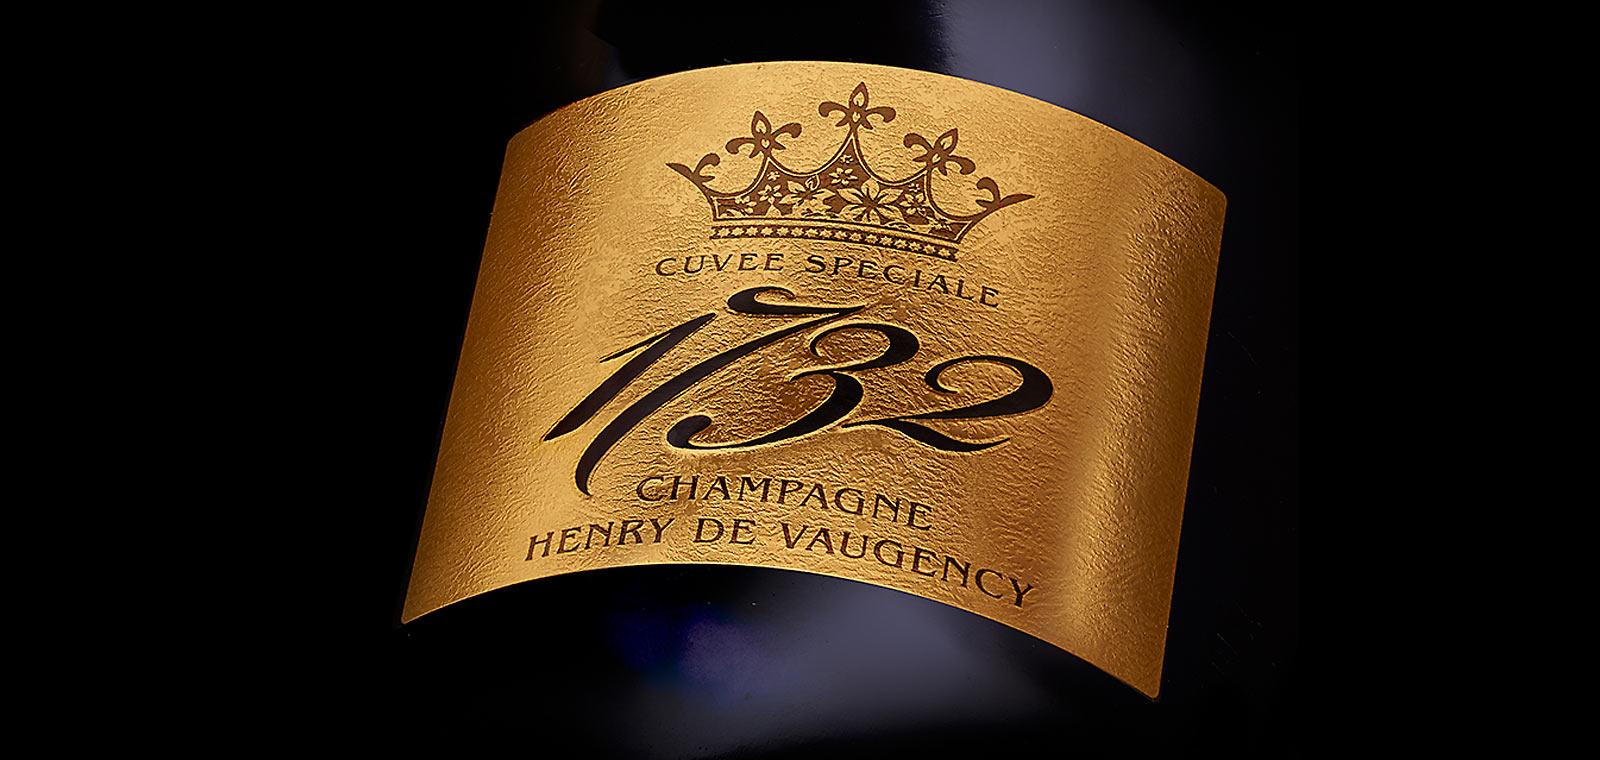 Chanmpagne 1732